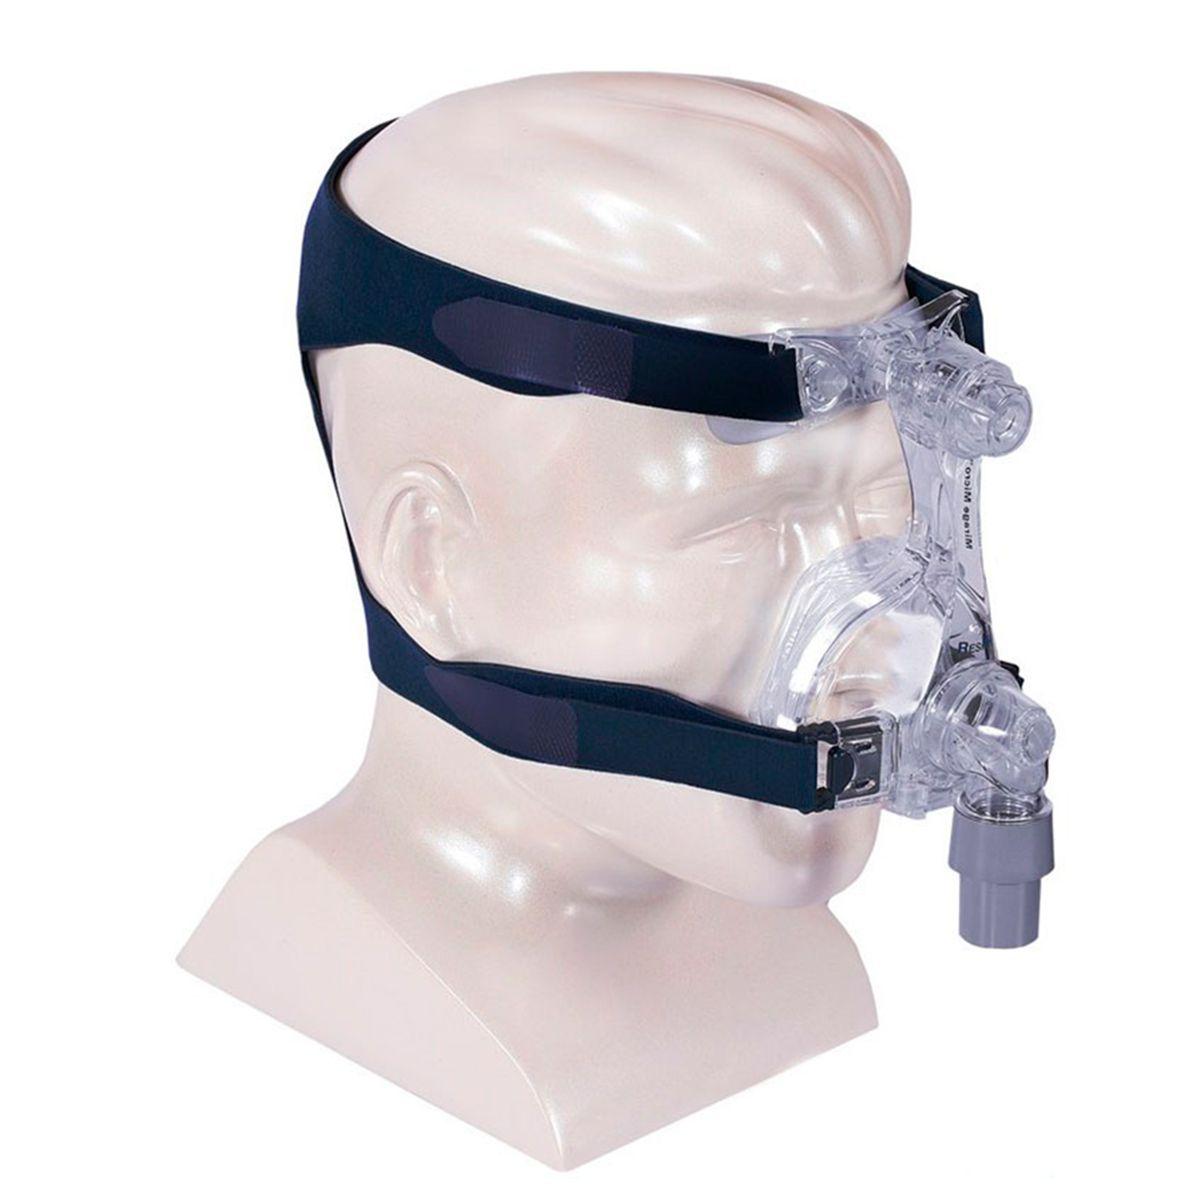 KIT CPAP DreamStar Intro + Umidificador + Máscara Nasal Mirage Micro (Almofada M e G)